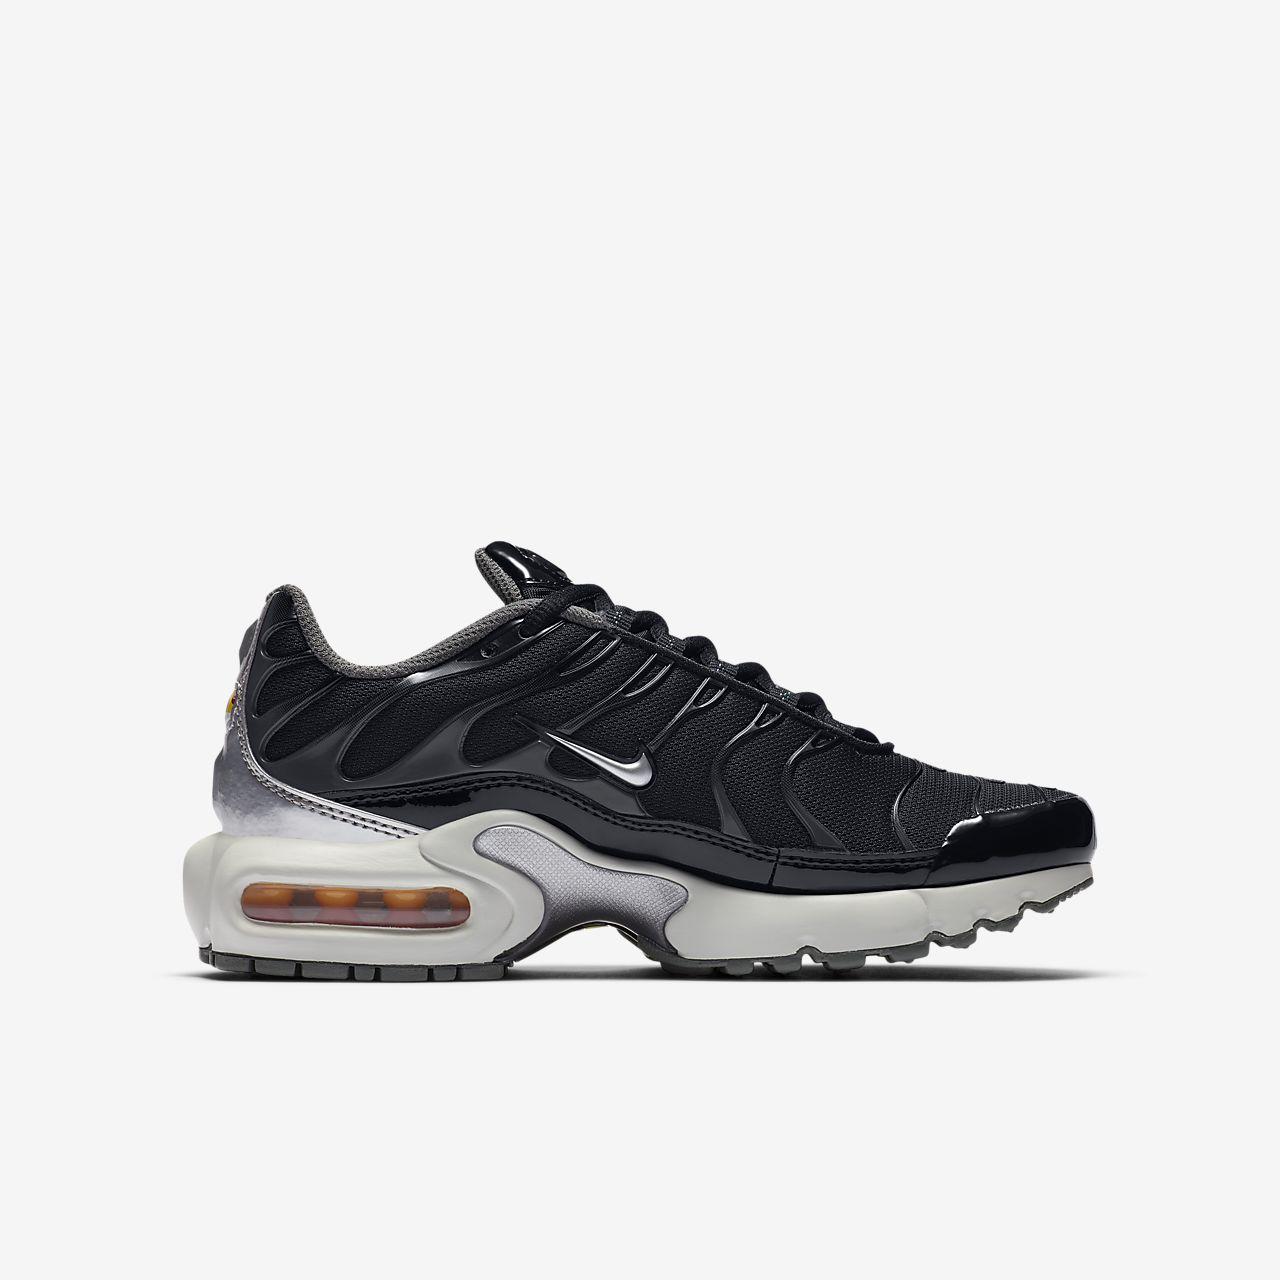 size 40 5918e c5277 ... Chaussure Nike Air Max Plus Y2K pour Enfant plus âgé